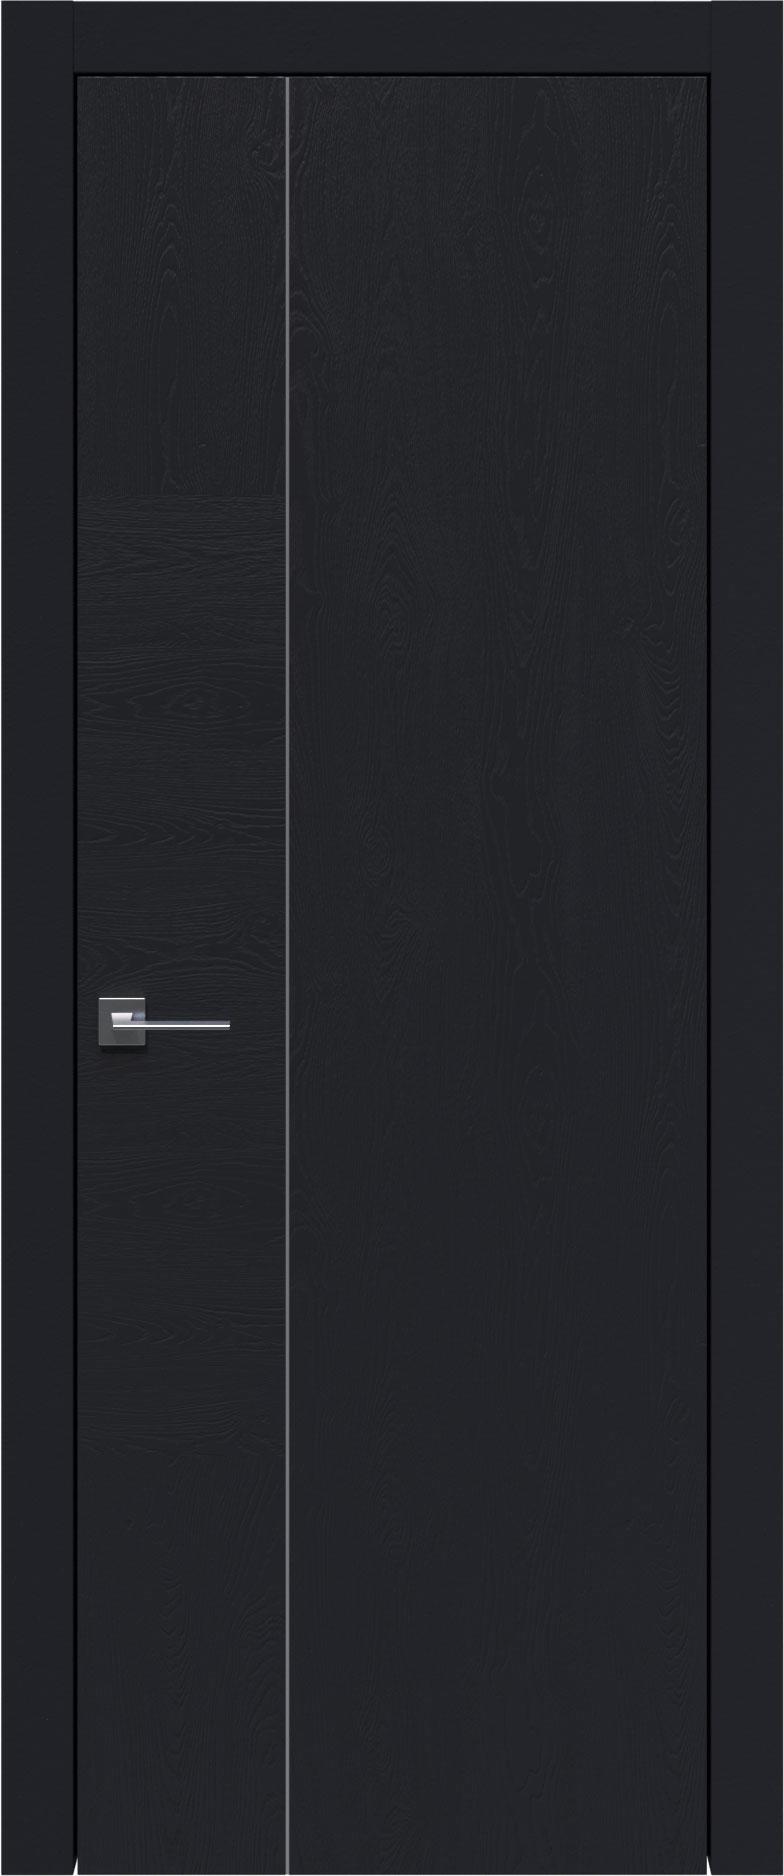 Tivoli В-1 цвет - Черная эмаль по шпону (RAL 9004) Без стекла (ДГ)